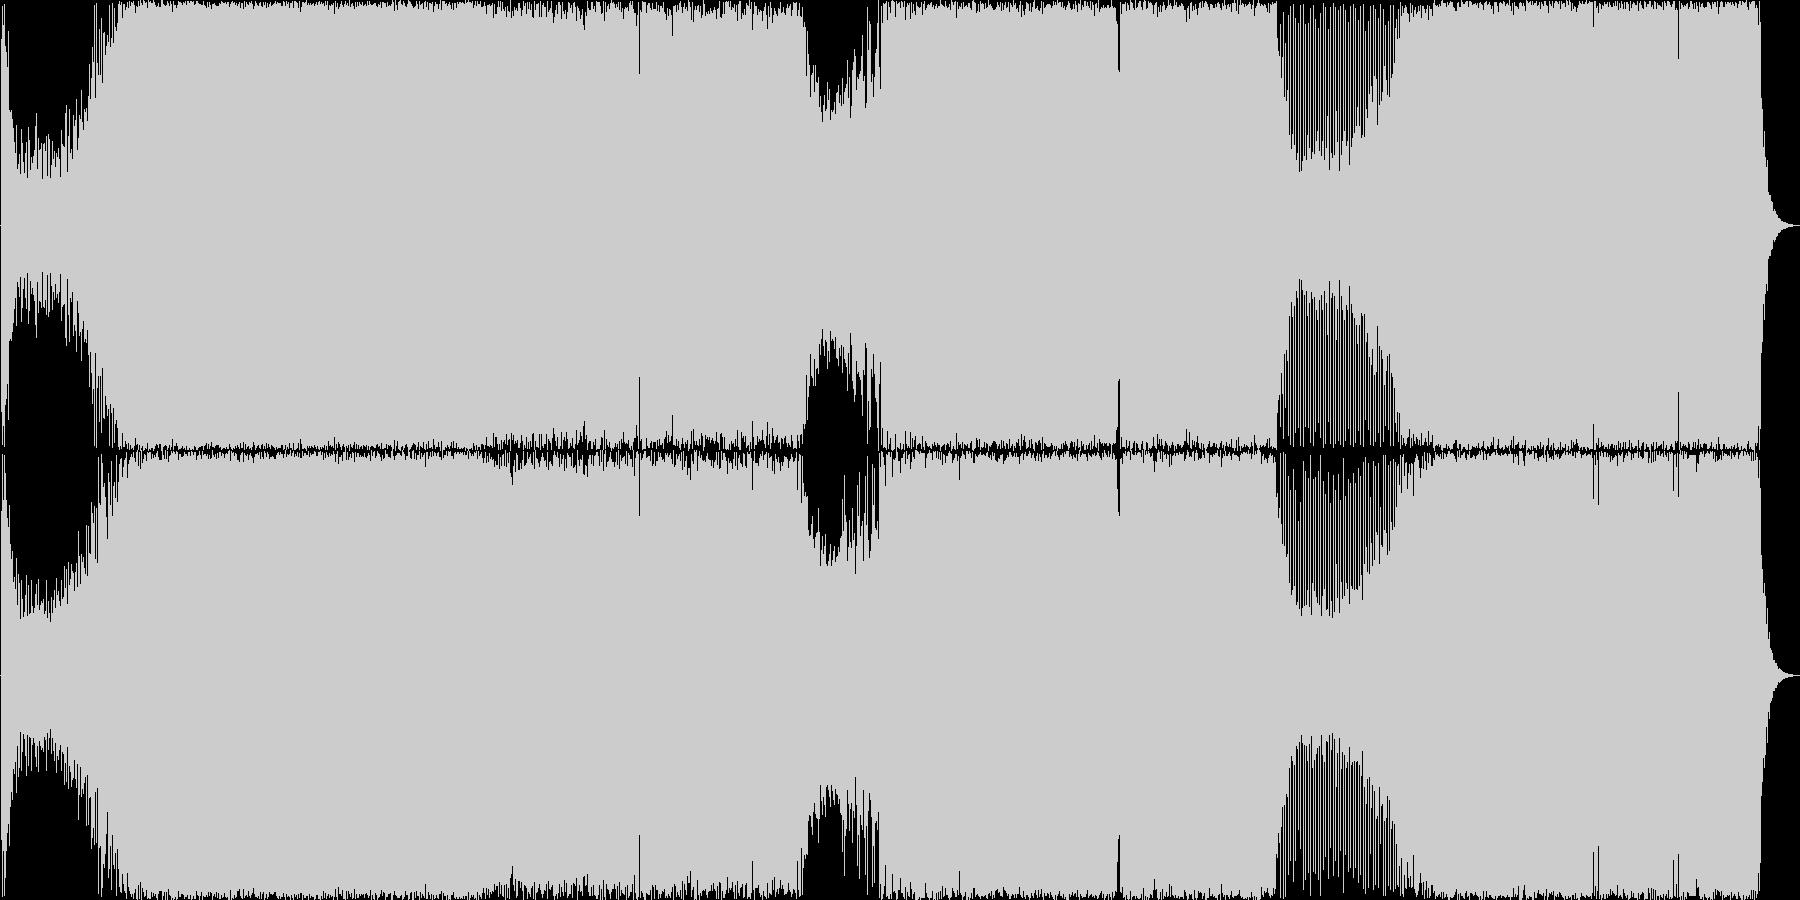 速いシーケンスが流れるトランス楽曲の未再生の波形